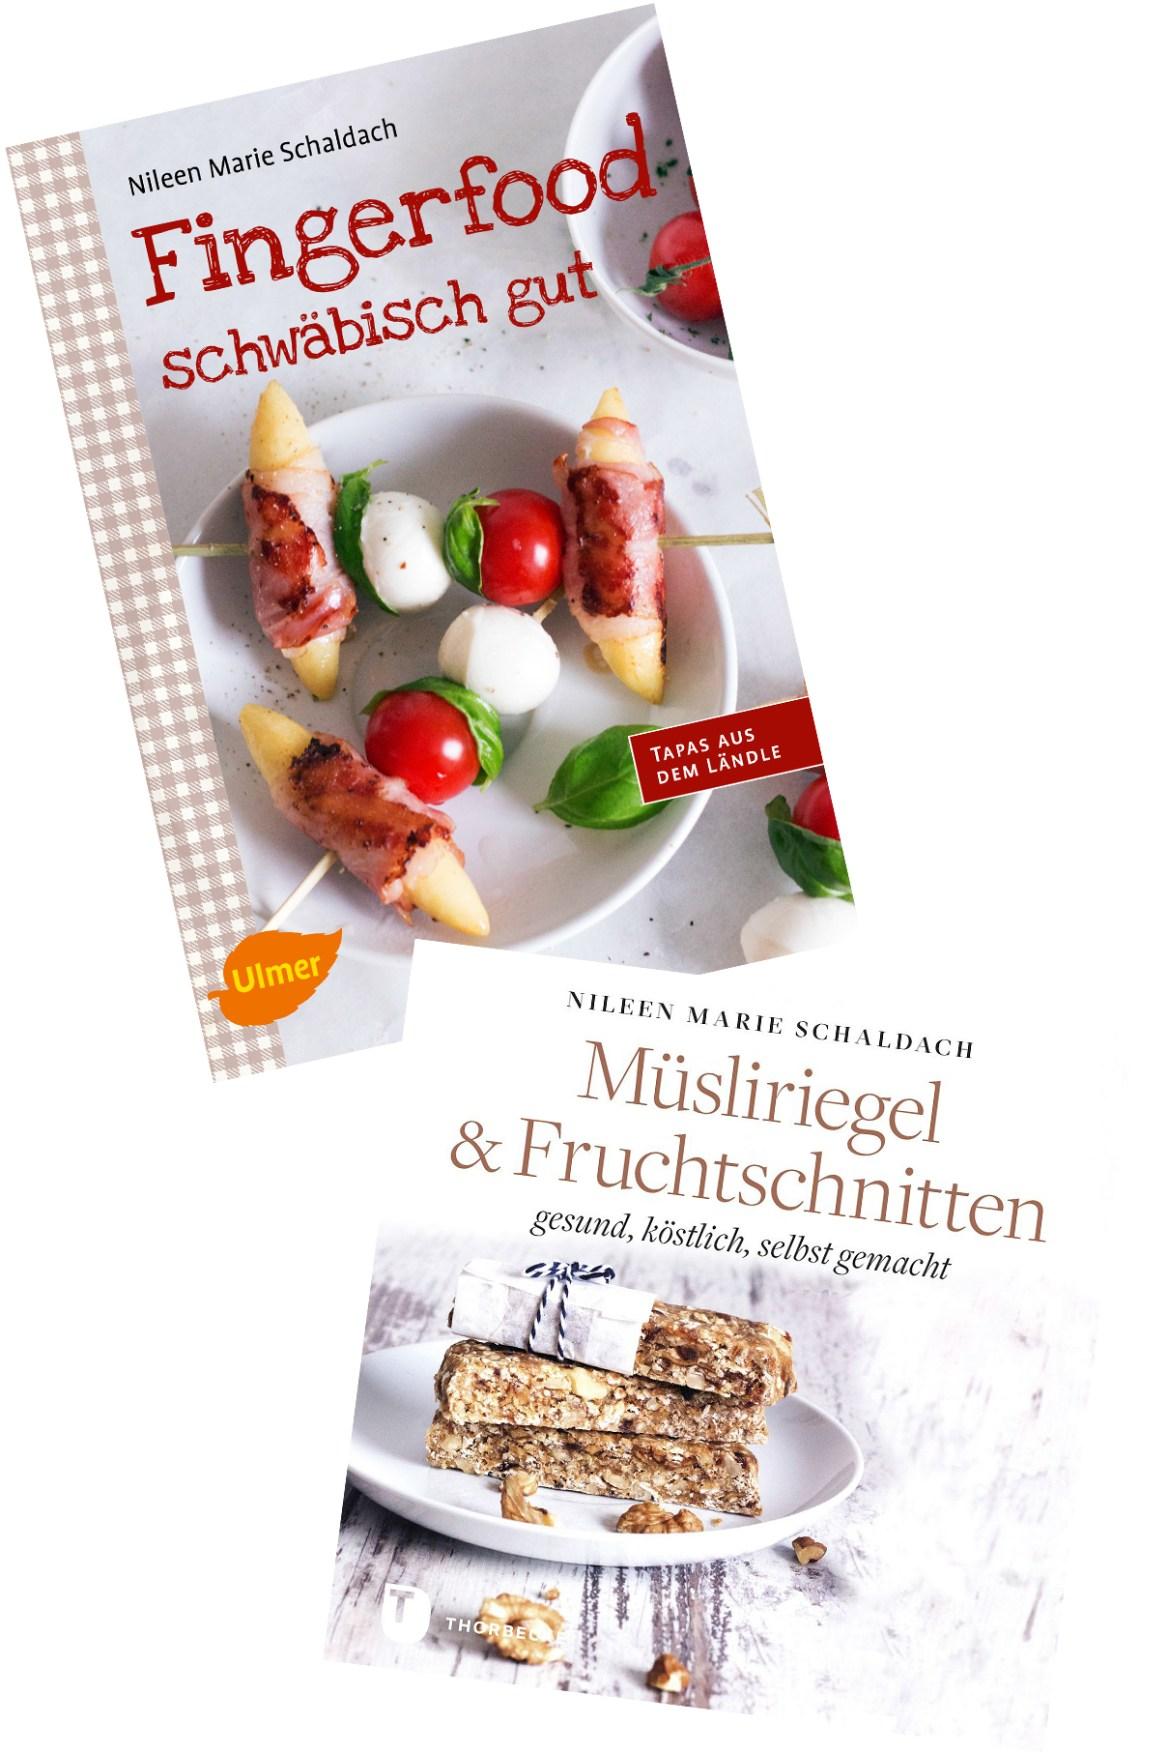 Buchpaket Fingerfood schwäbisch gut Müsliriegel & Fruchtschnitten Nileen Marie Schaldach Schätze aus meiner Küche